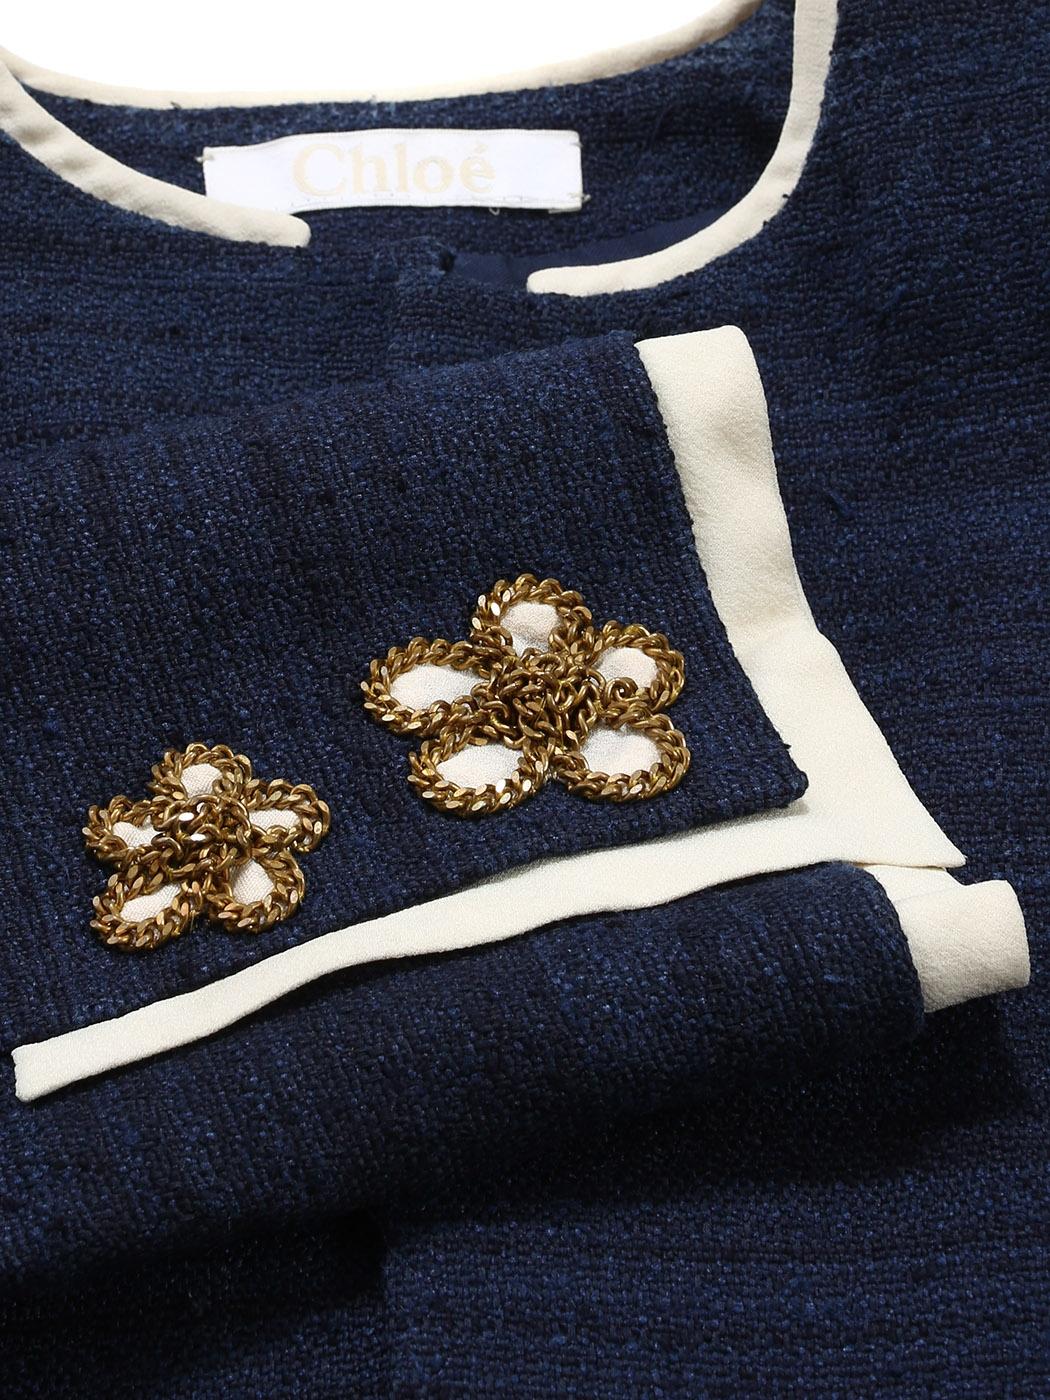 Louise Paris - CHLOE Navy blue tweed cropped jacket with